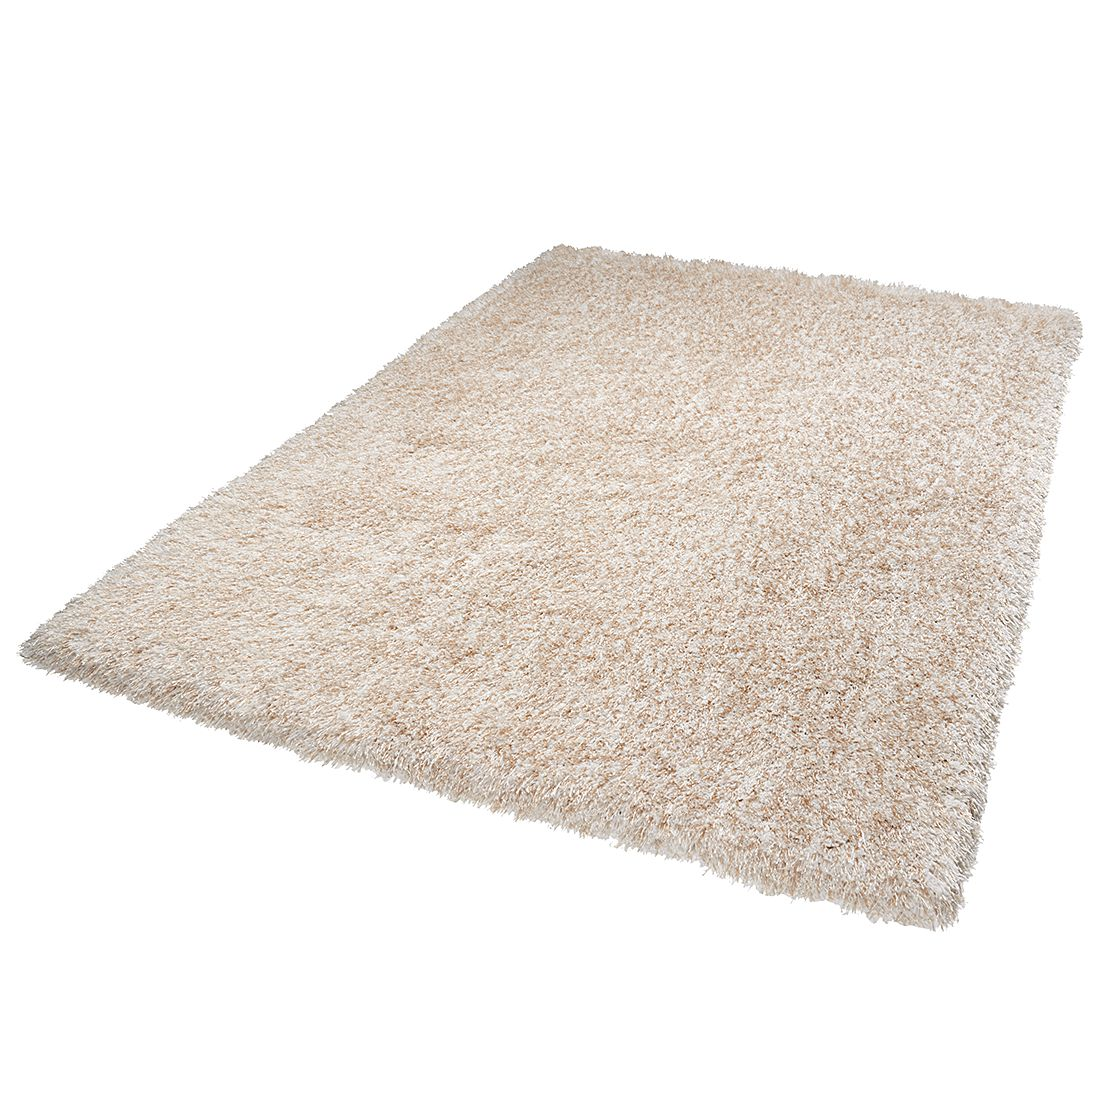 Teppich Lagune – Creme – 80 x 160 cm, DEKOWE günstig bestellen